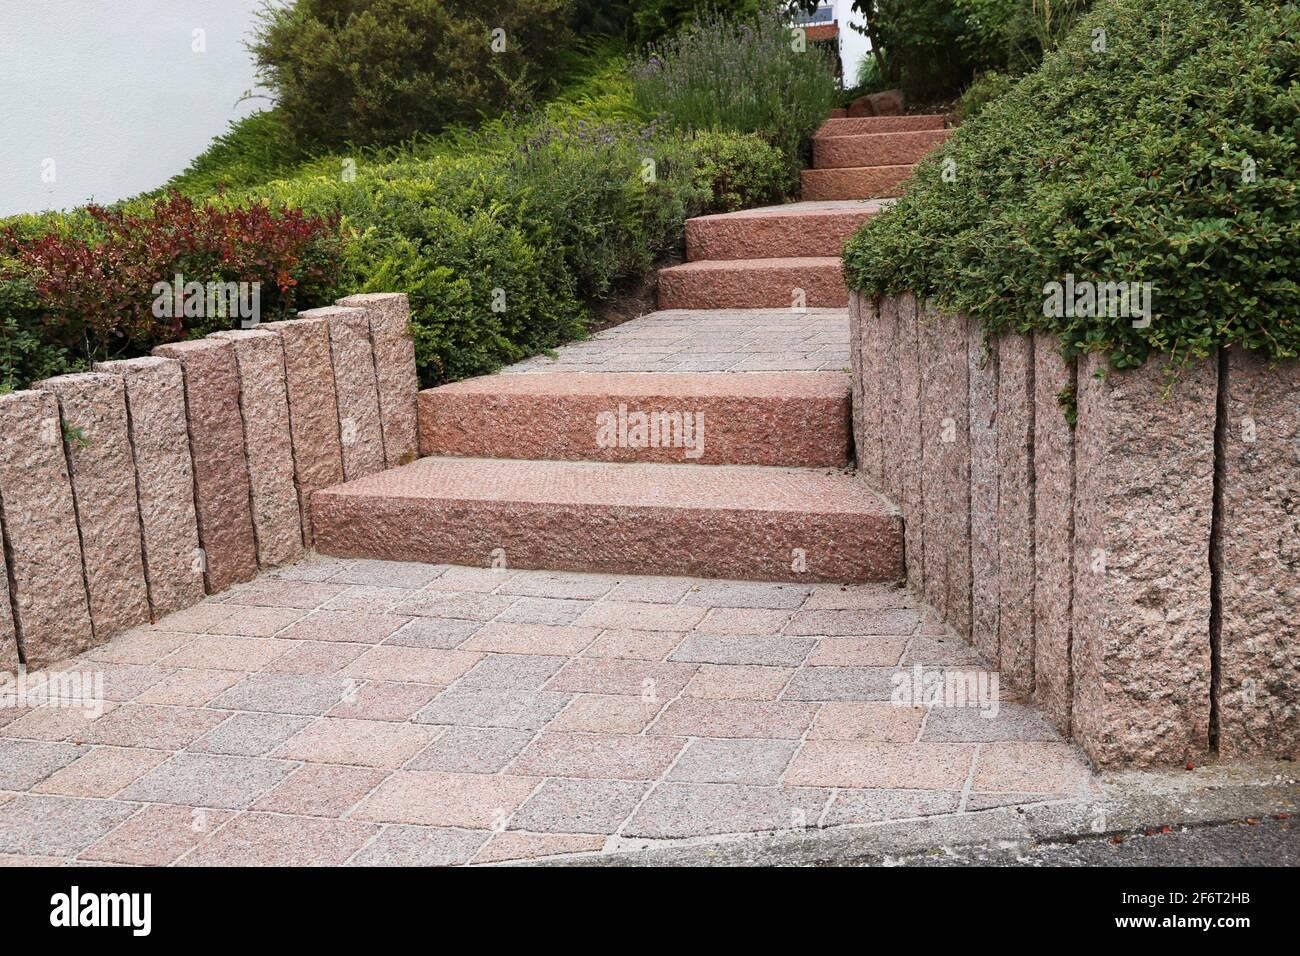 Jardín frontal ordenado y ordenado con escalones de bloques sólidos, grava decorativa y plantación. Foto de stock